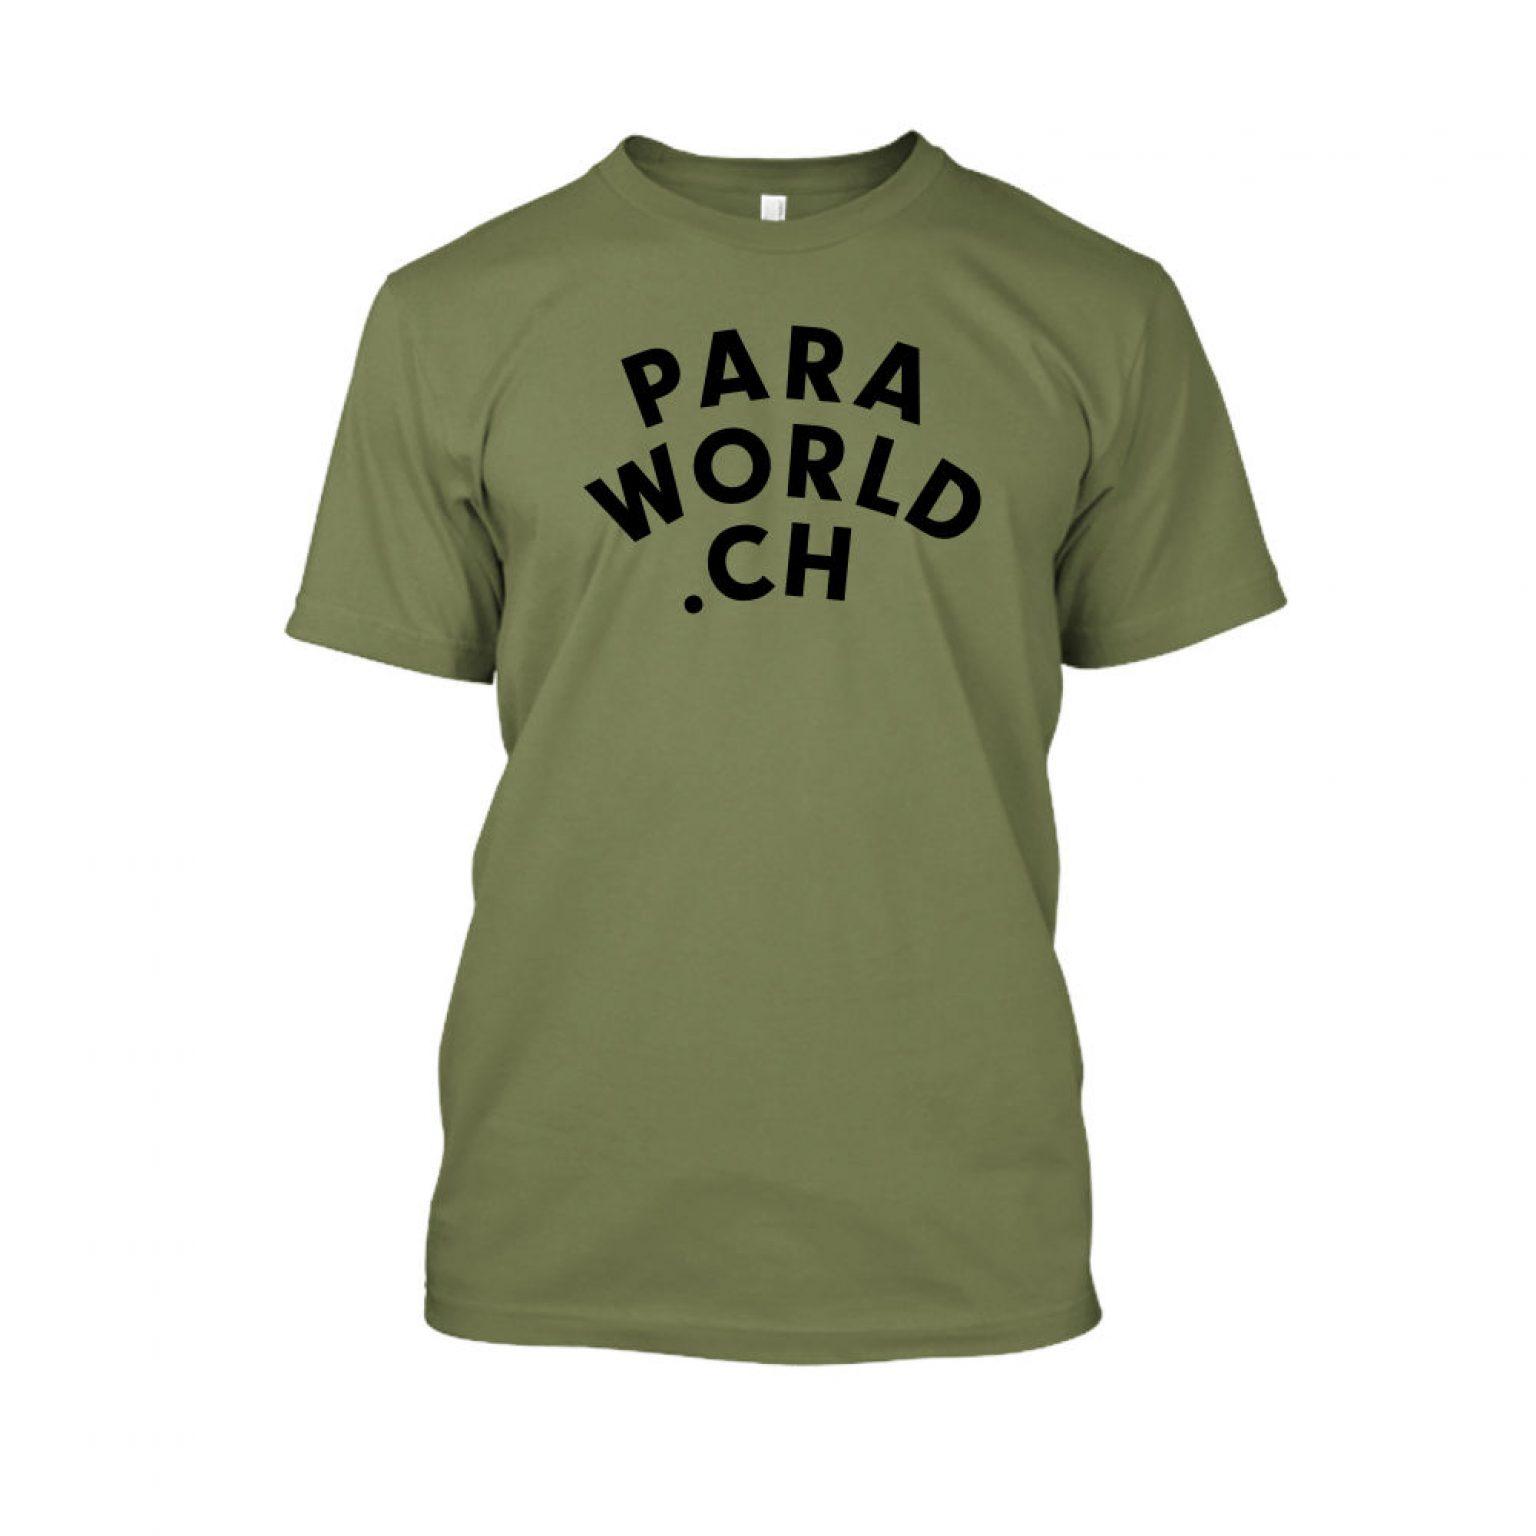 PW ClassicBlack shirt herren military